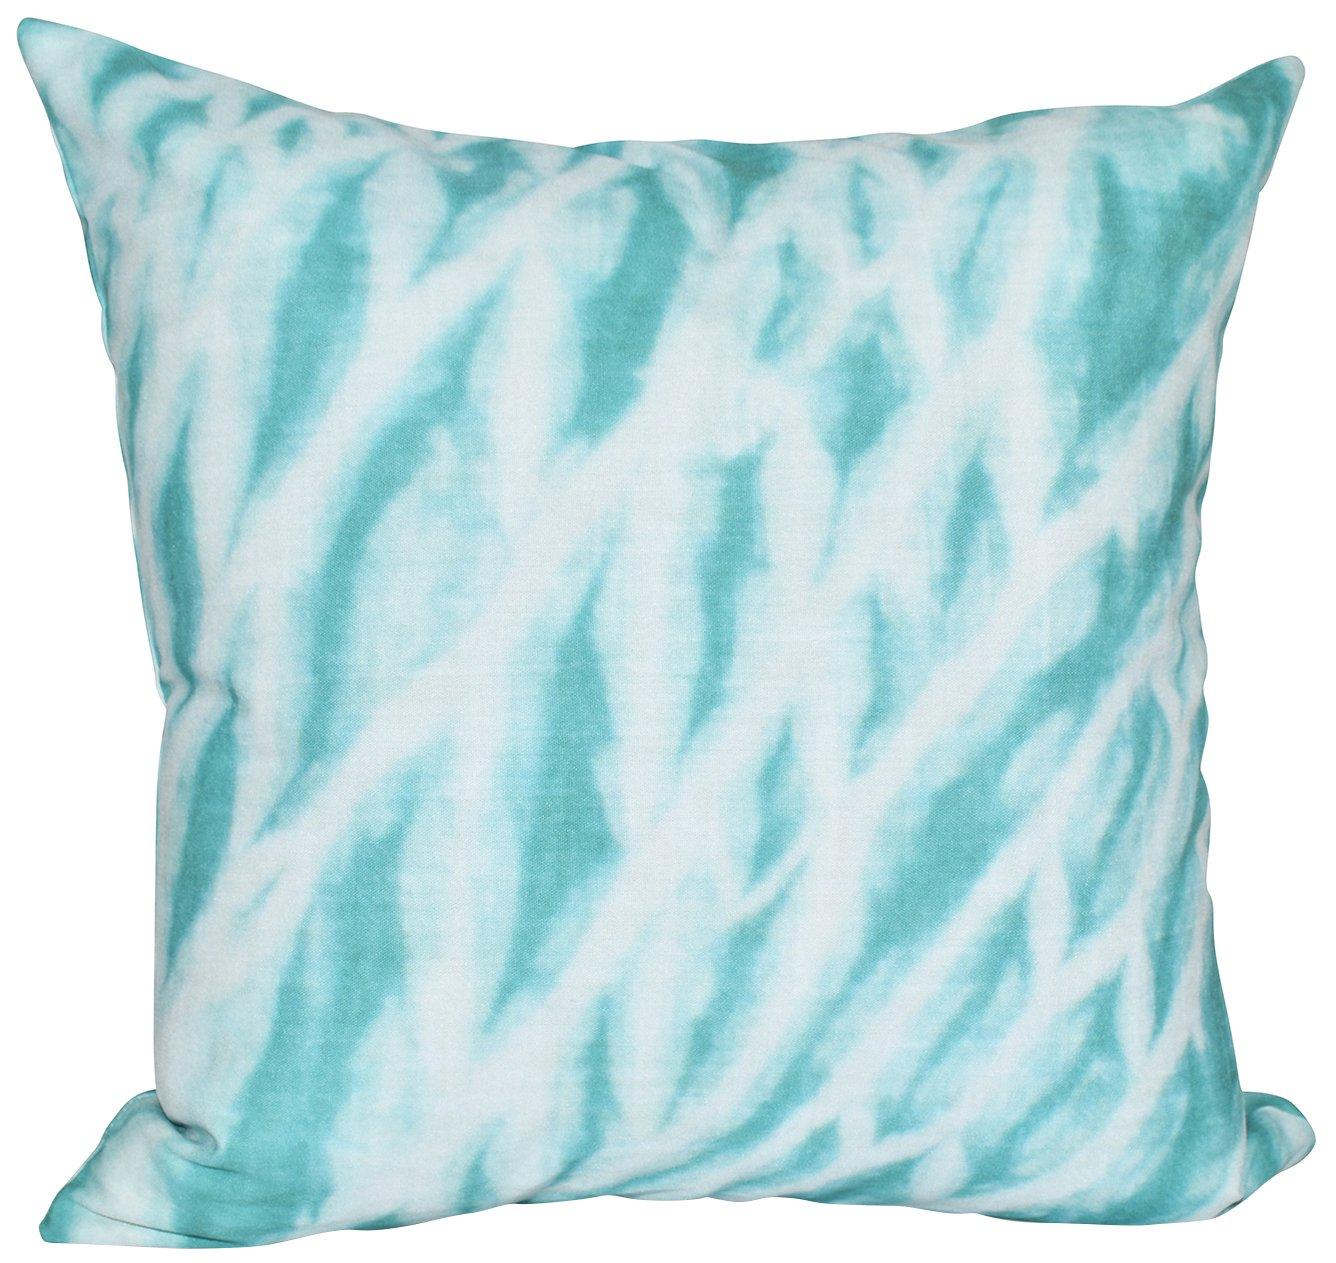 E by design O5PGN421BL12-20 Printed Outdoor Pillow